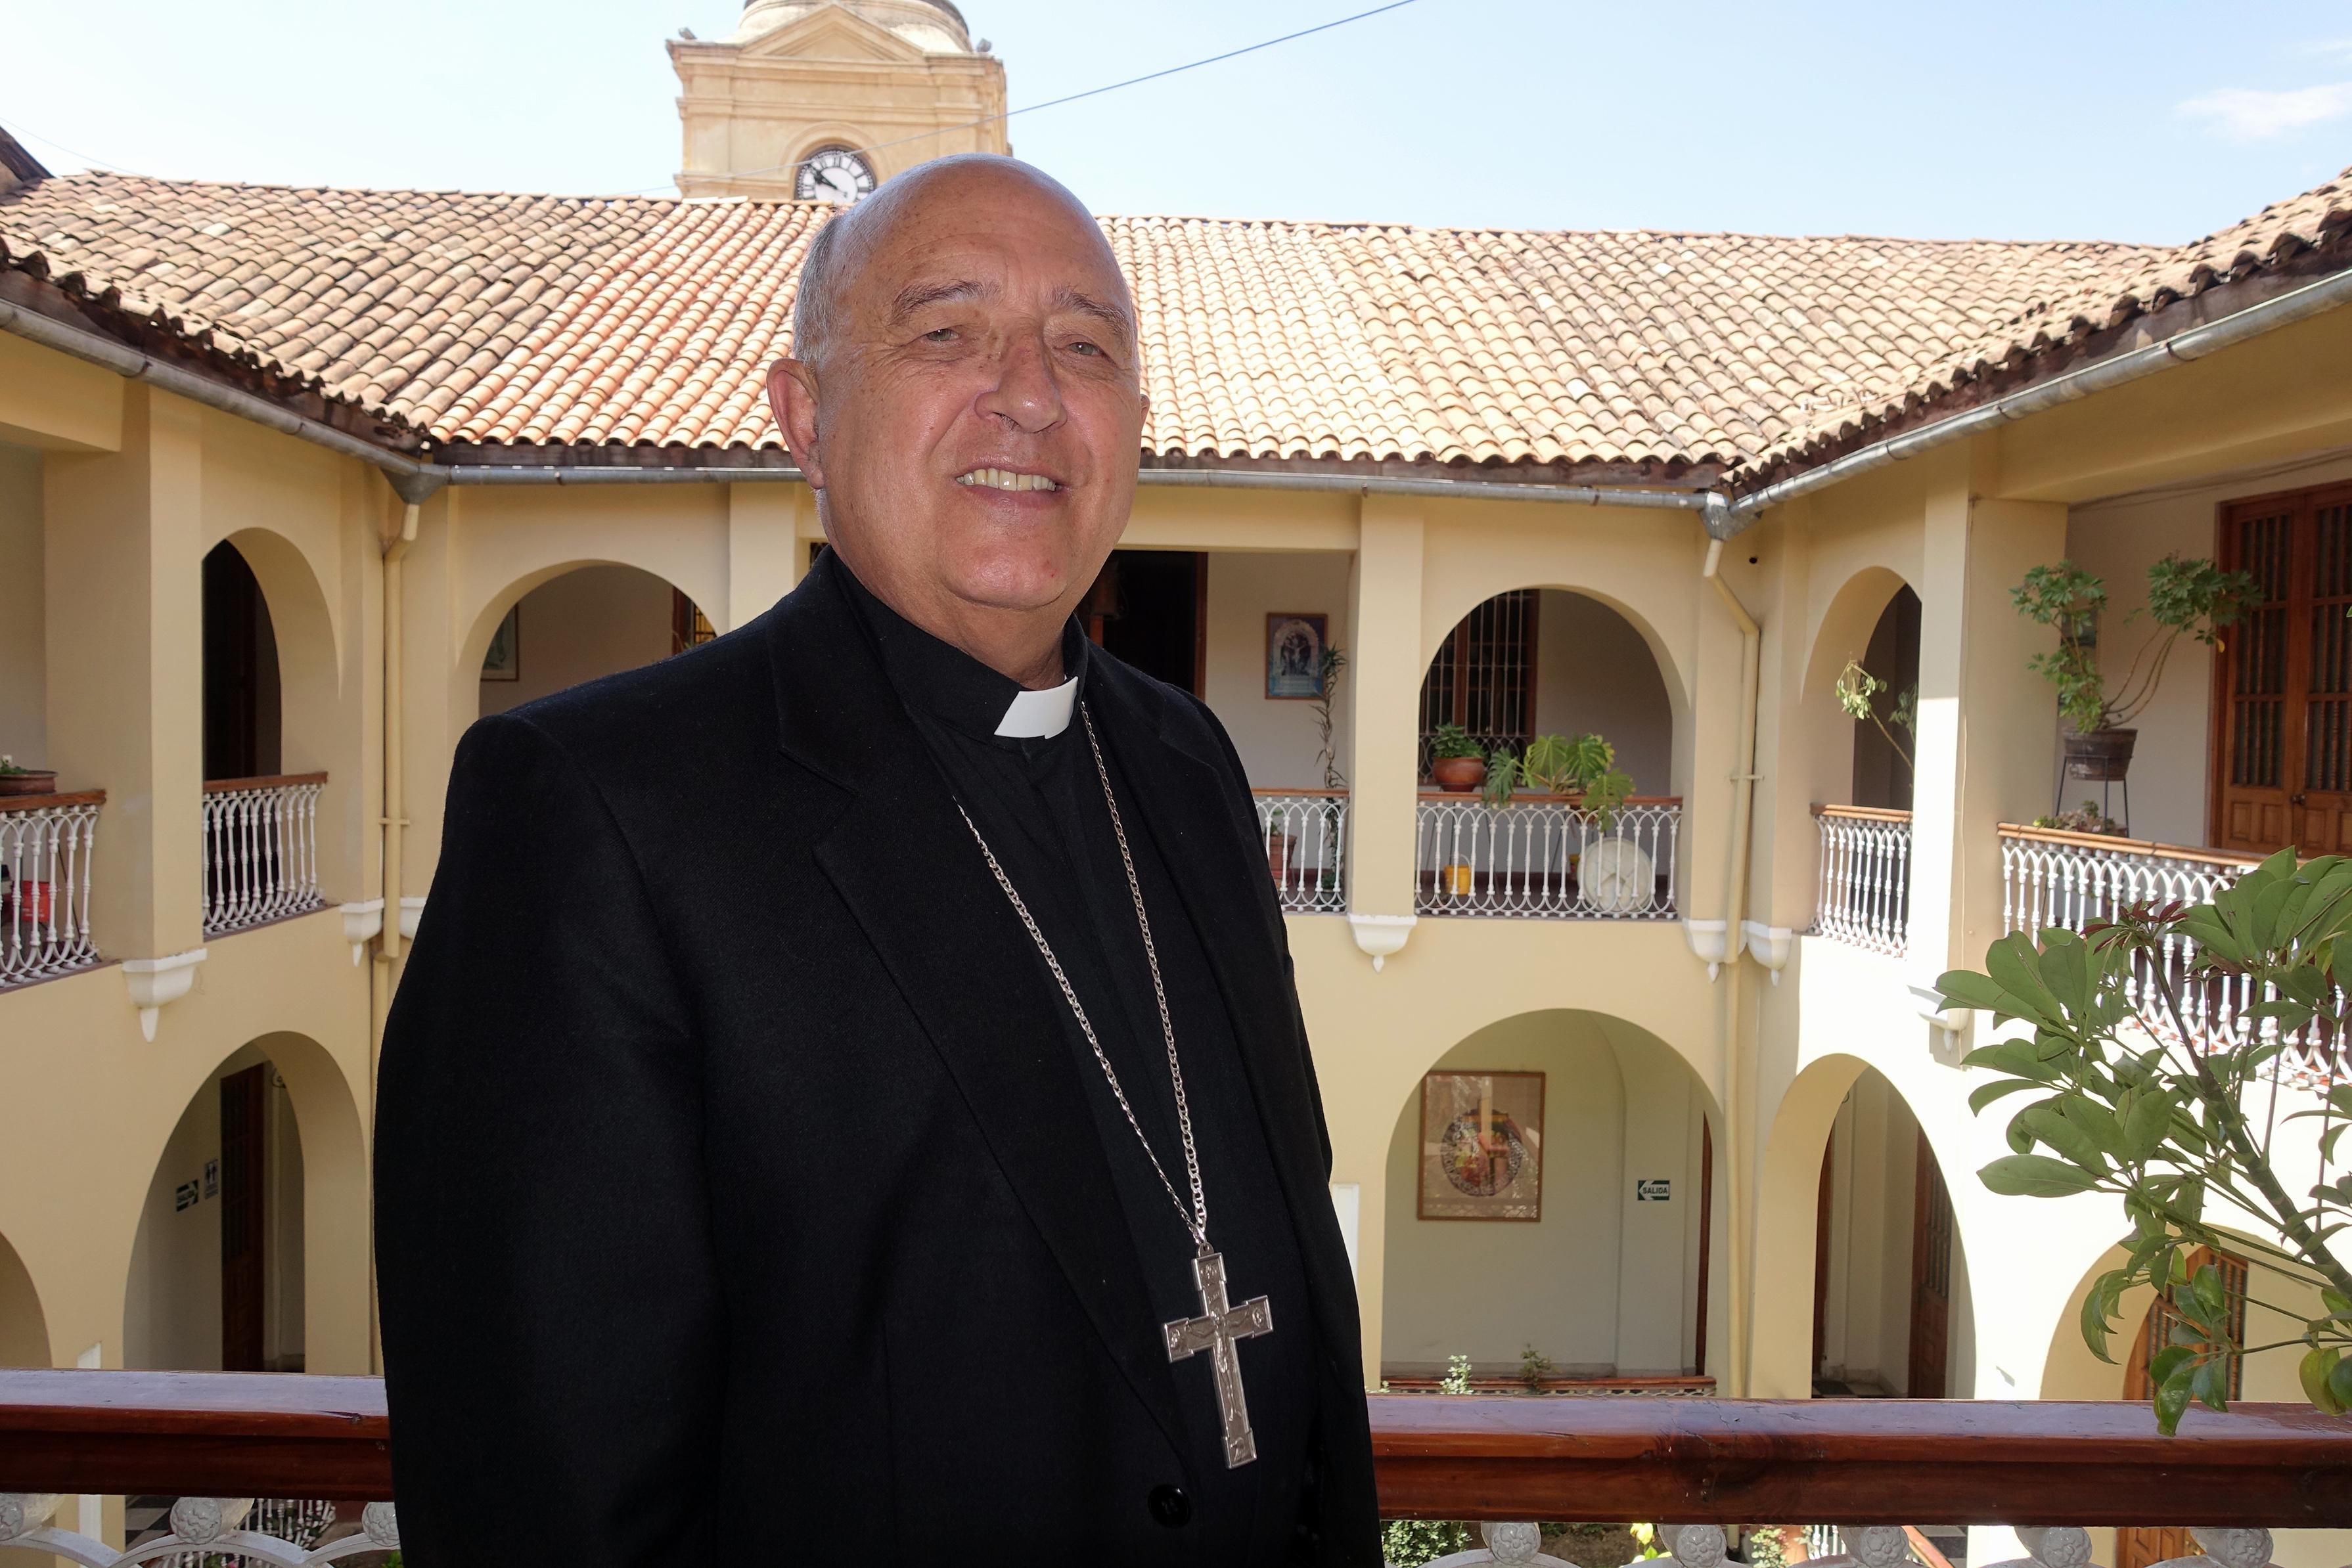 Mgr Barreto, fondateur du Réseau ecclésial pan-amazonien (Repam) © Jean-Claude Gerez